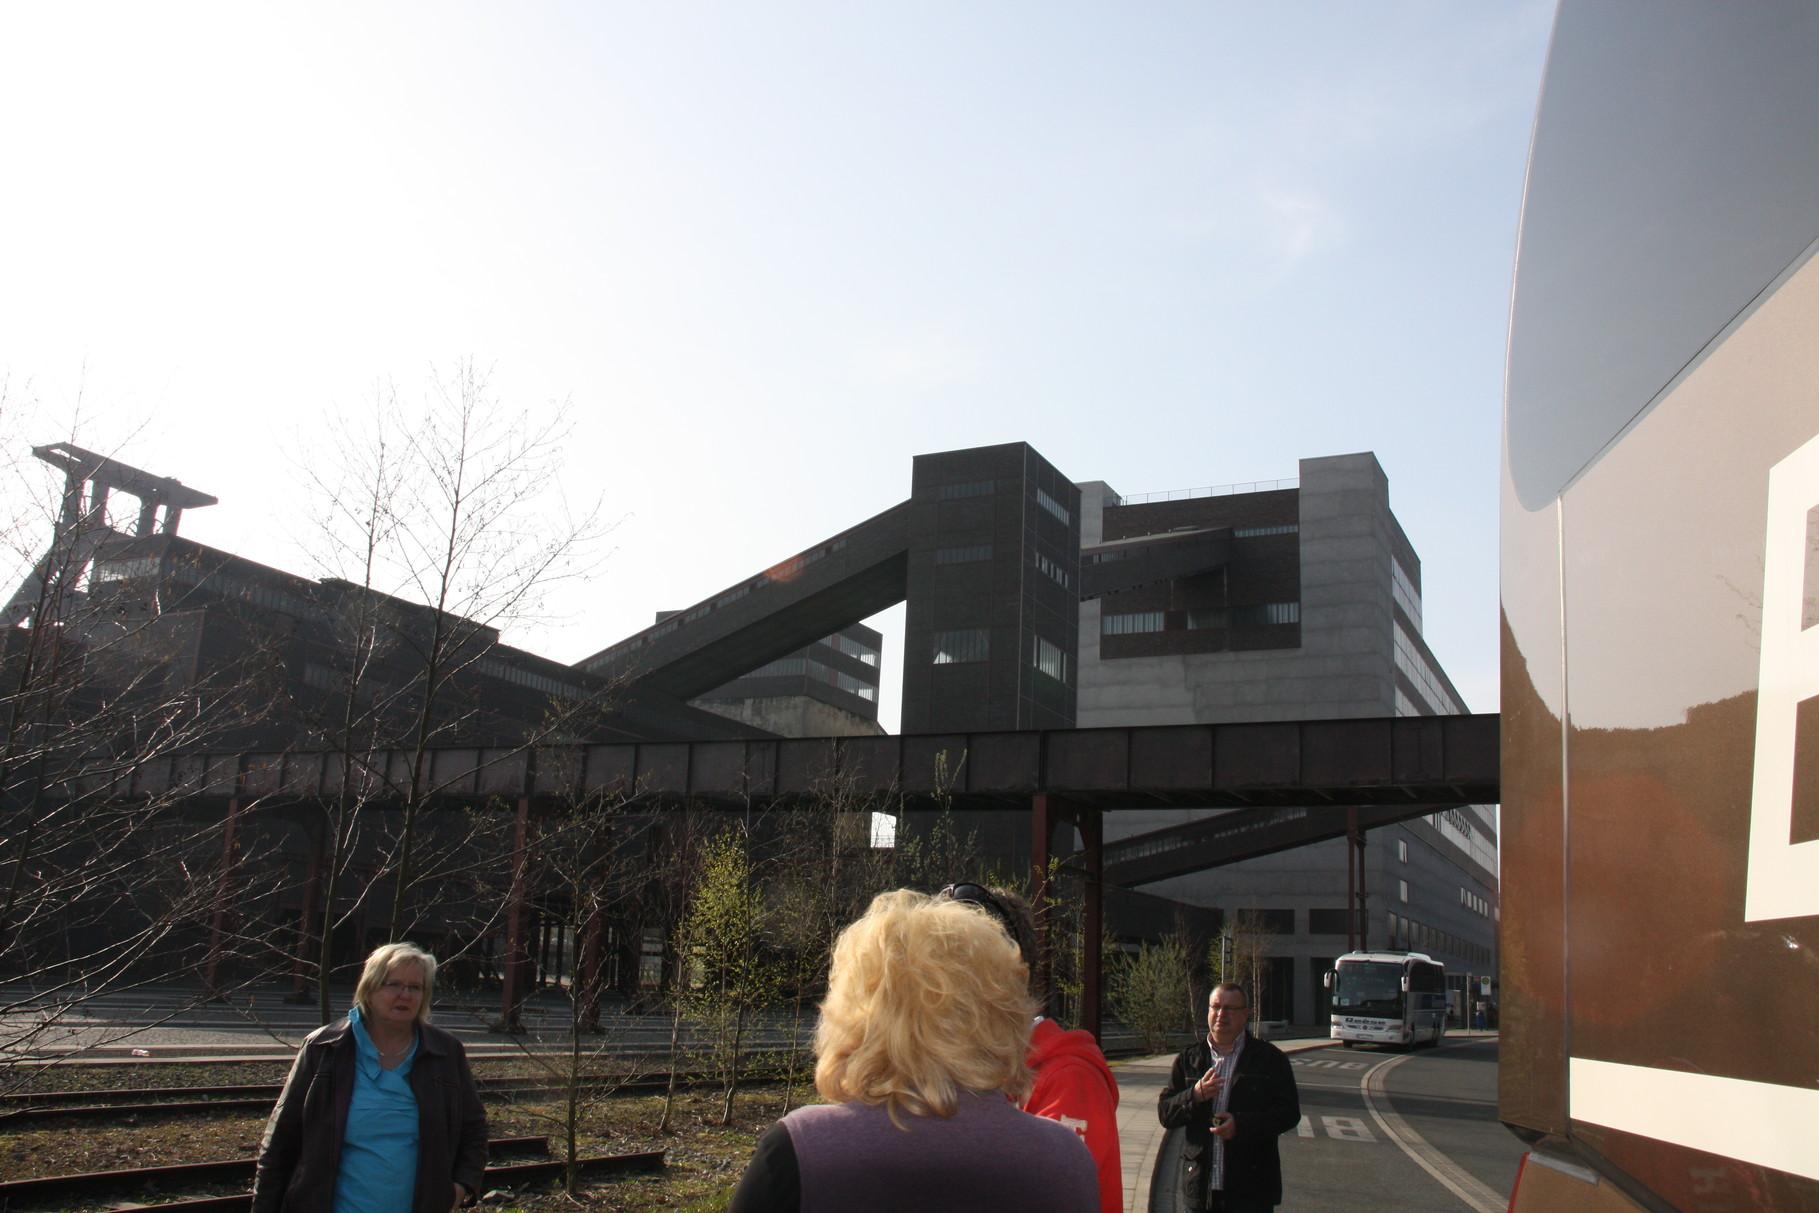 """Besichtigung des Weltkulturerbe """" Zeche Zollverein """" in Essen"""